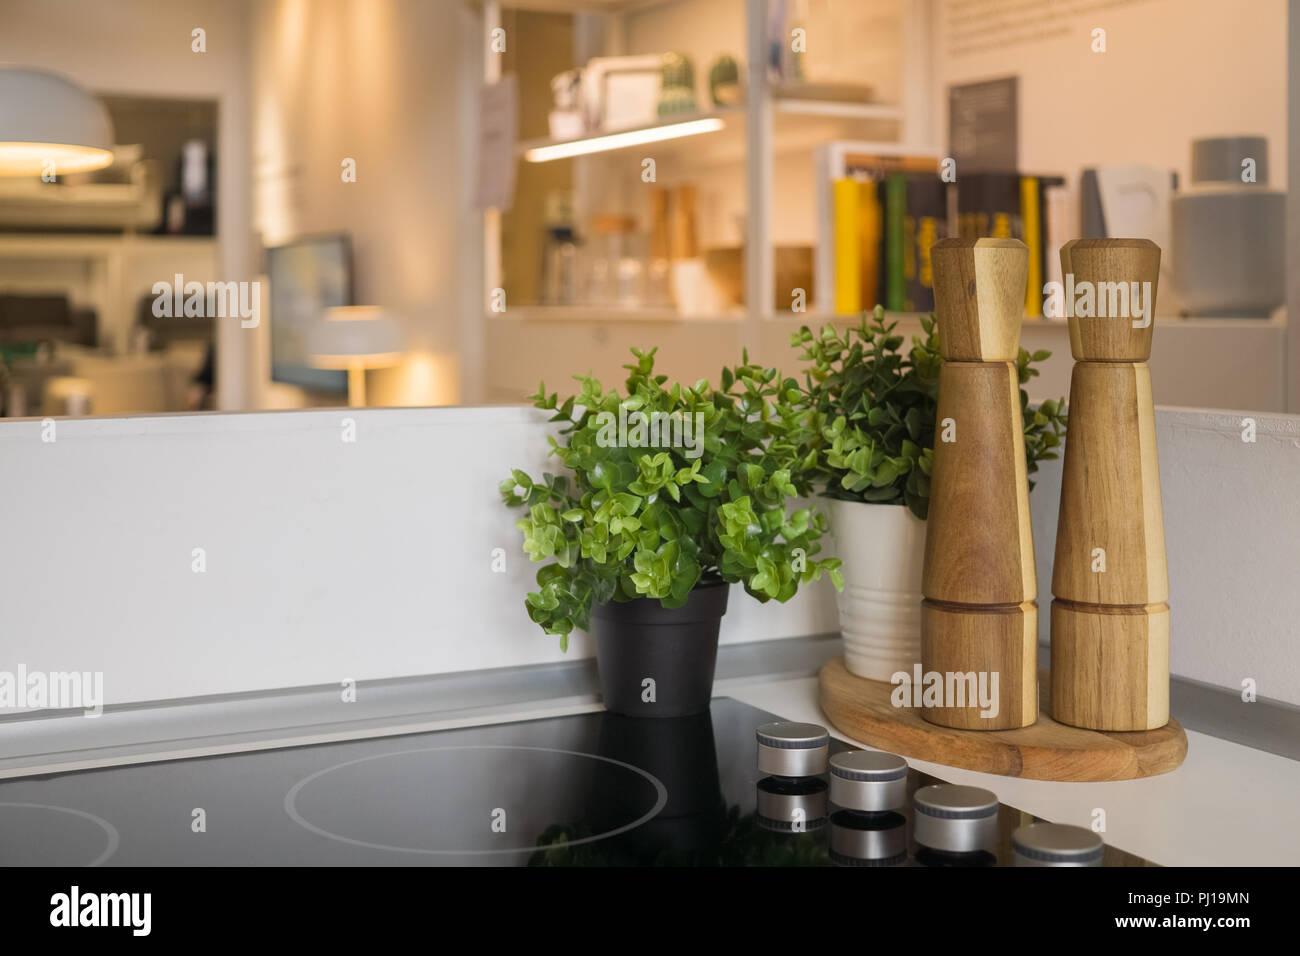 Moderne offene Küche mit Wohnbereich Stockfoto, Bild ...